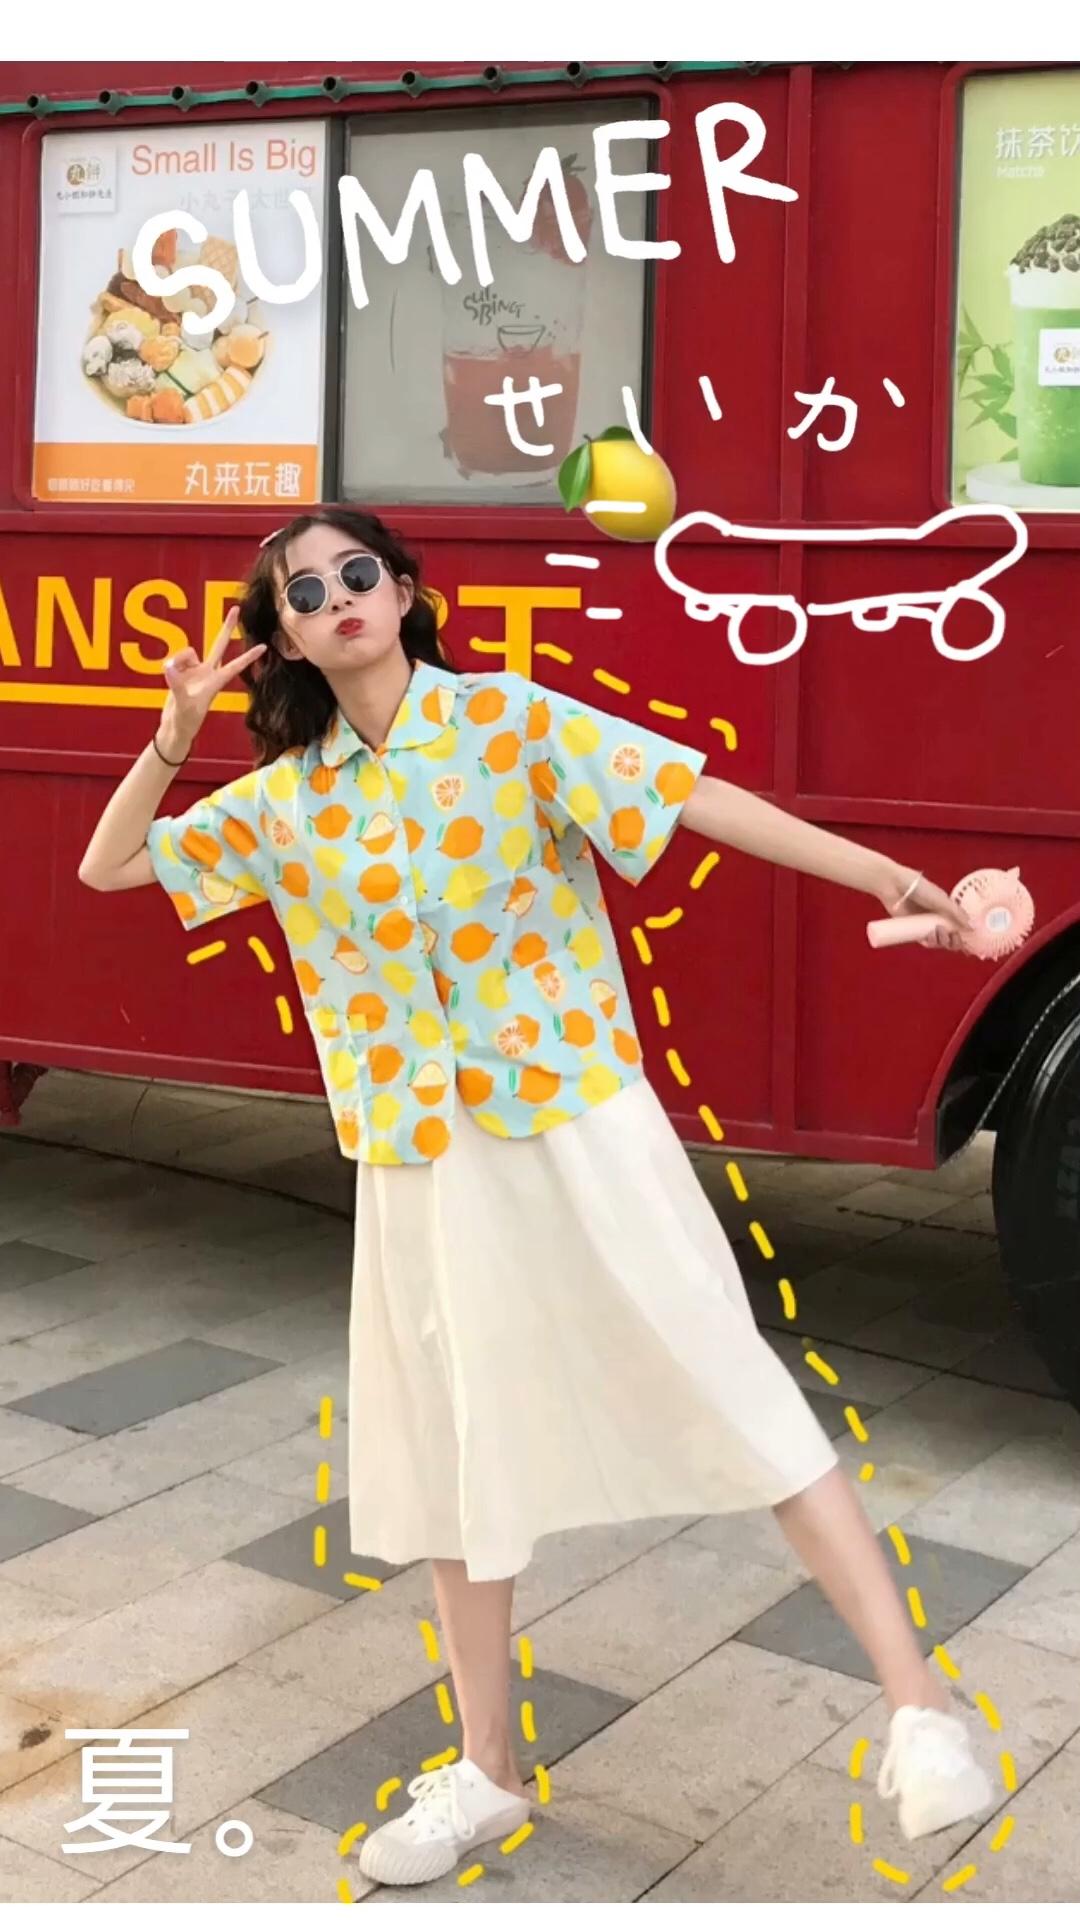 #藏肉大赛:长裙第一名!# 春天穿久了常规的西装外套 夏天是不是可以把西装改成衬衫呢~ 这是一款改良西装衬衫 打破了传统西装的正式感~ 花衬衫其实并不难驾驭的哦 虽然没有纯色的素雅 但是多了几分可爱和酷~ 满满的柠檬图案 可爱又有趣 搭配米色的日系裙几 今天是可爱满分的日系少女呦